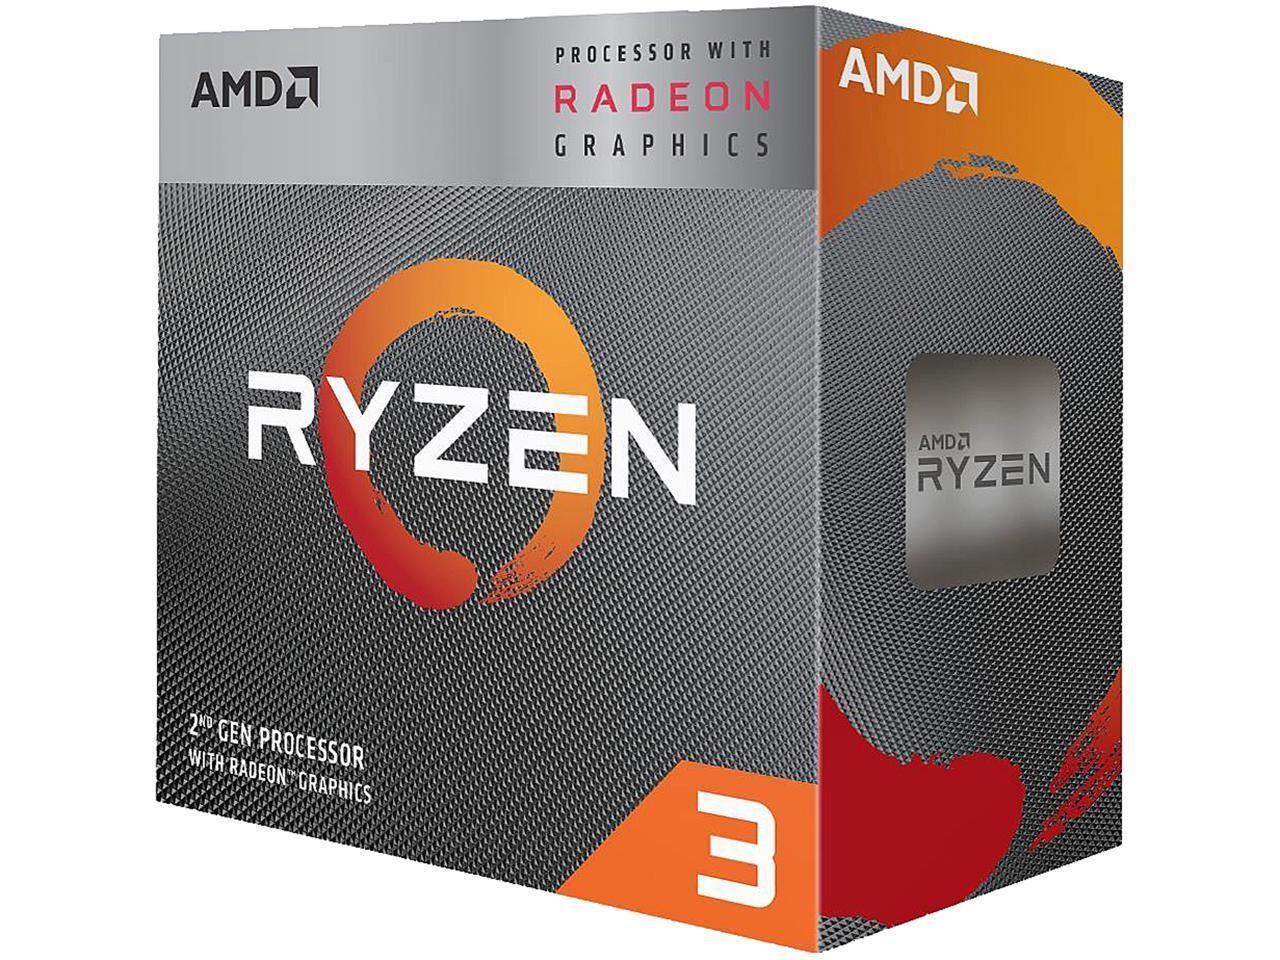 AMD Ryzen 3 3200G 4-Core 3.6 GHz (4.0 GHz Max Boost)